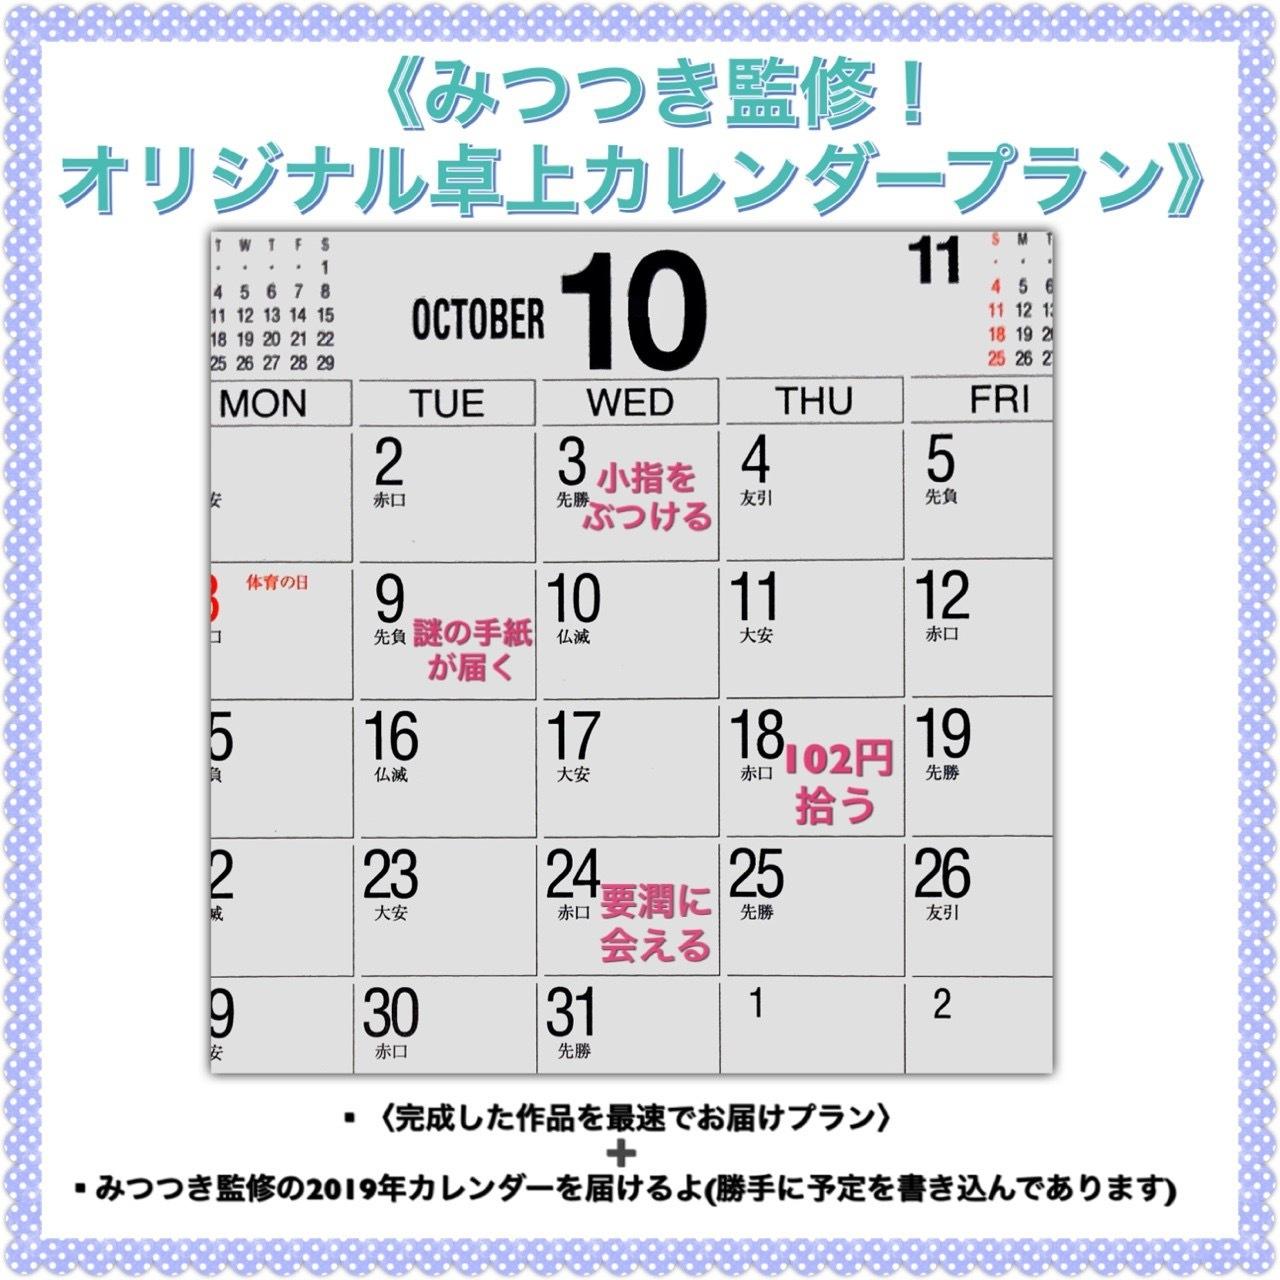 <みつつき監修オリジナル卓上カレンダープラン>